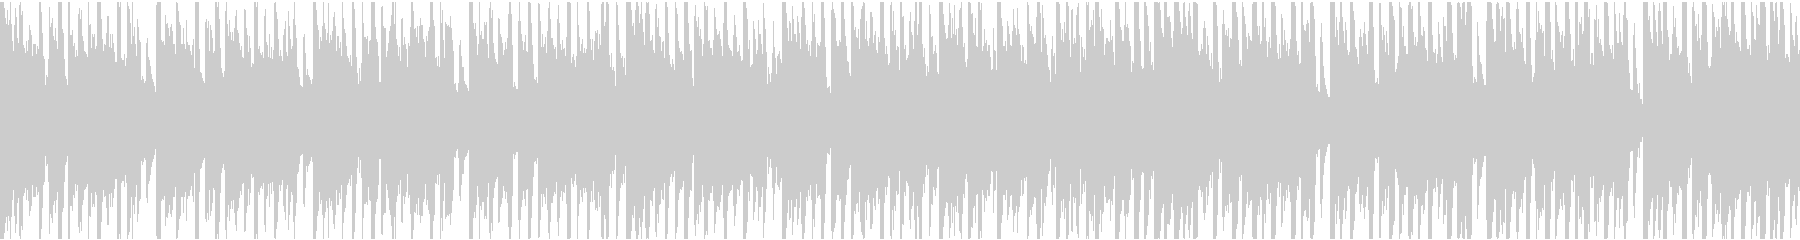 39秒でサビ、琴、電子音ダーク/ループの未再生の波形